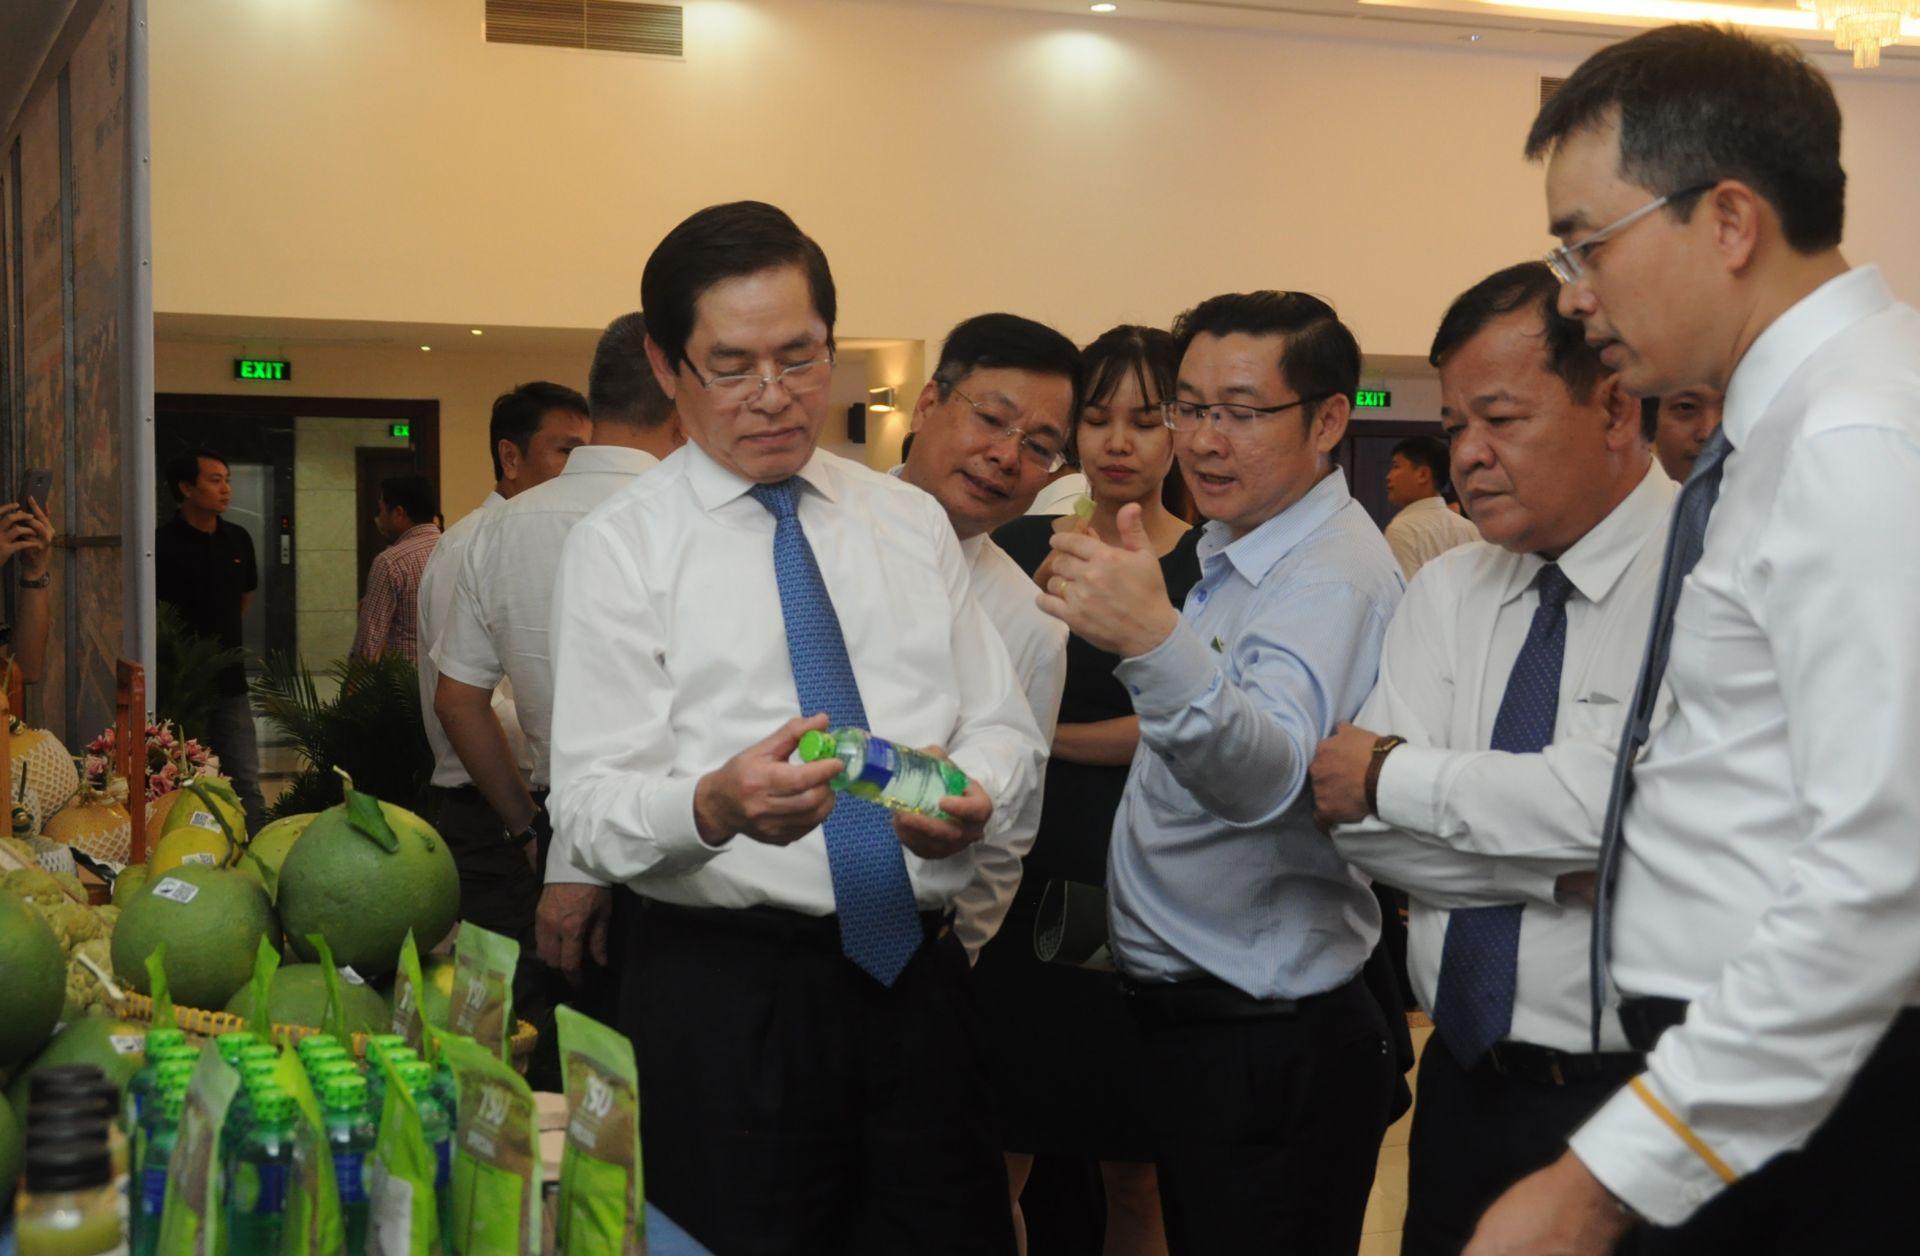 Miaqua tham gia ký buổi ký kết thỏa thuận hợp tác giữa Tây Ninh và Vietnam Airlines